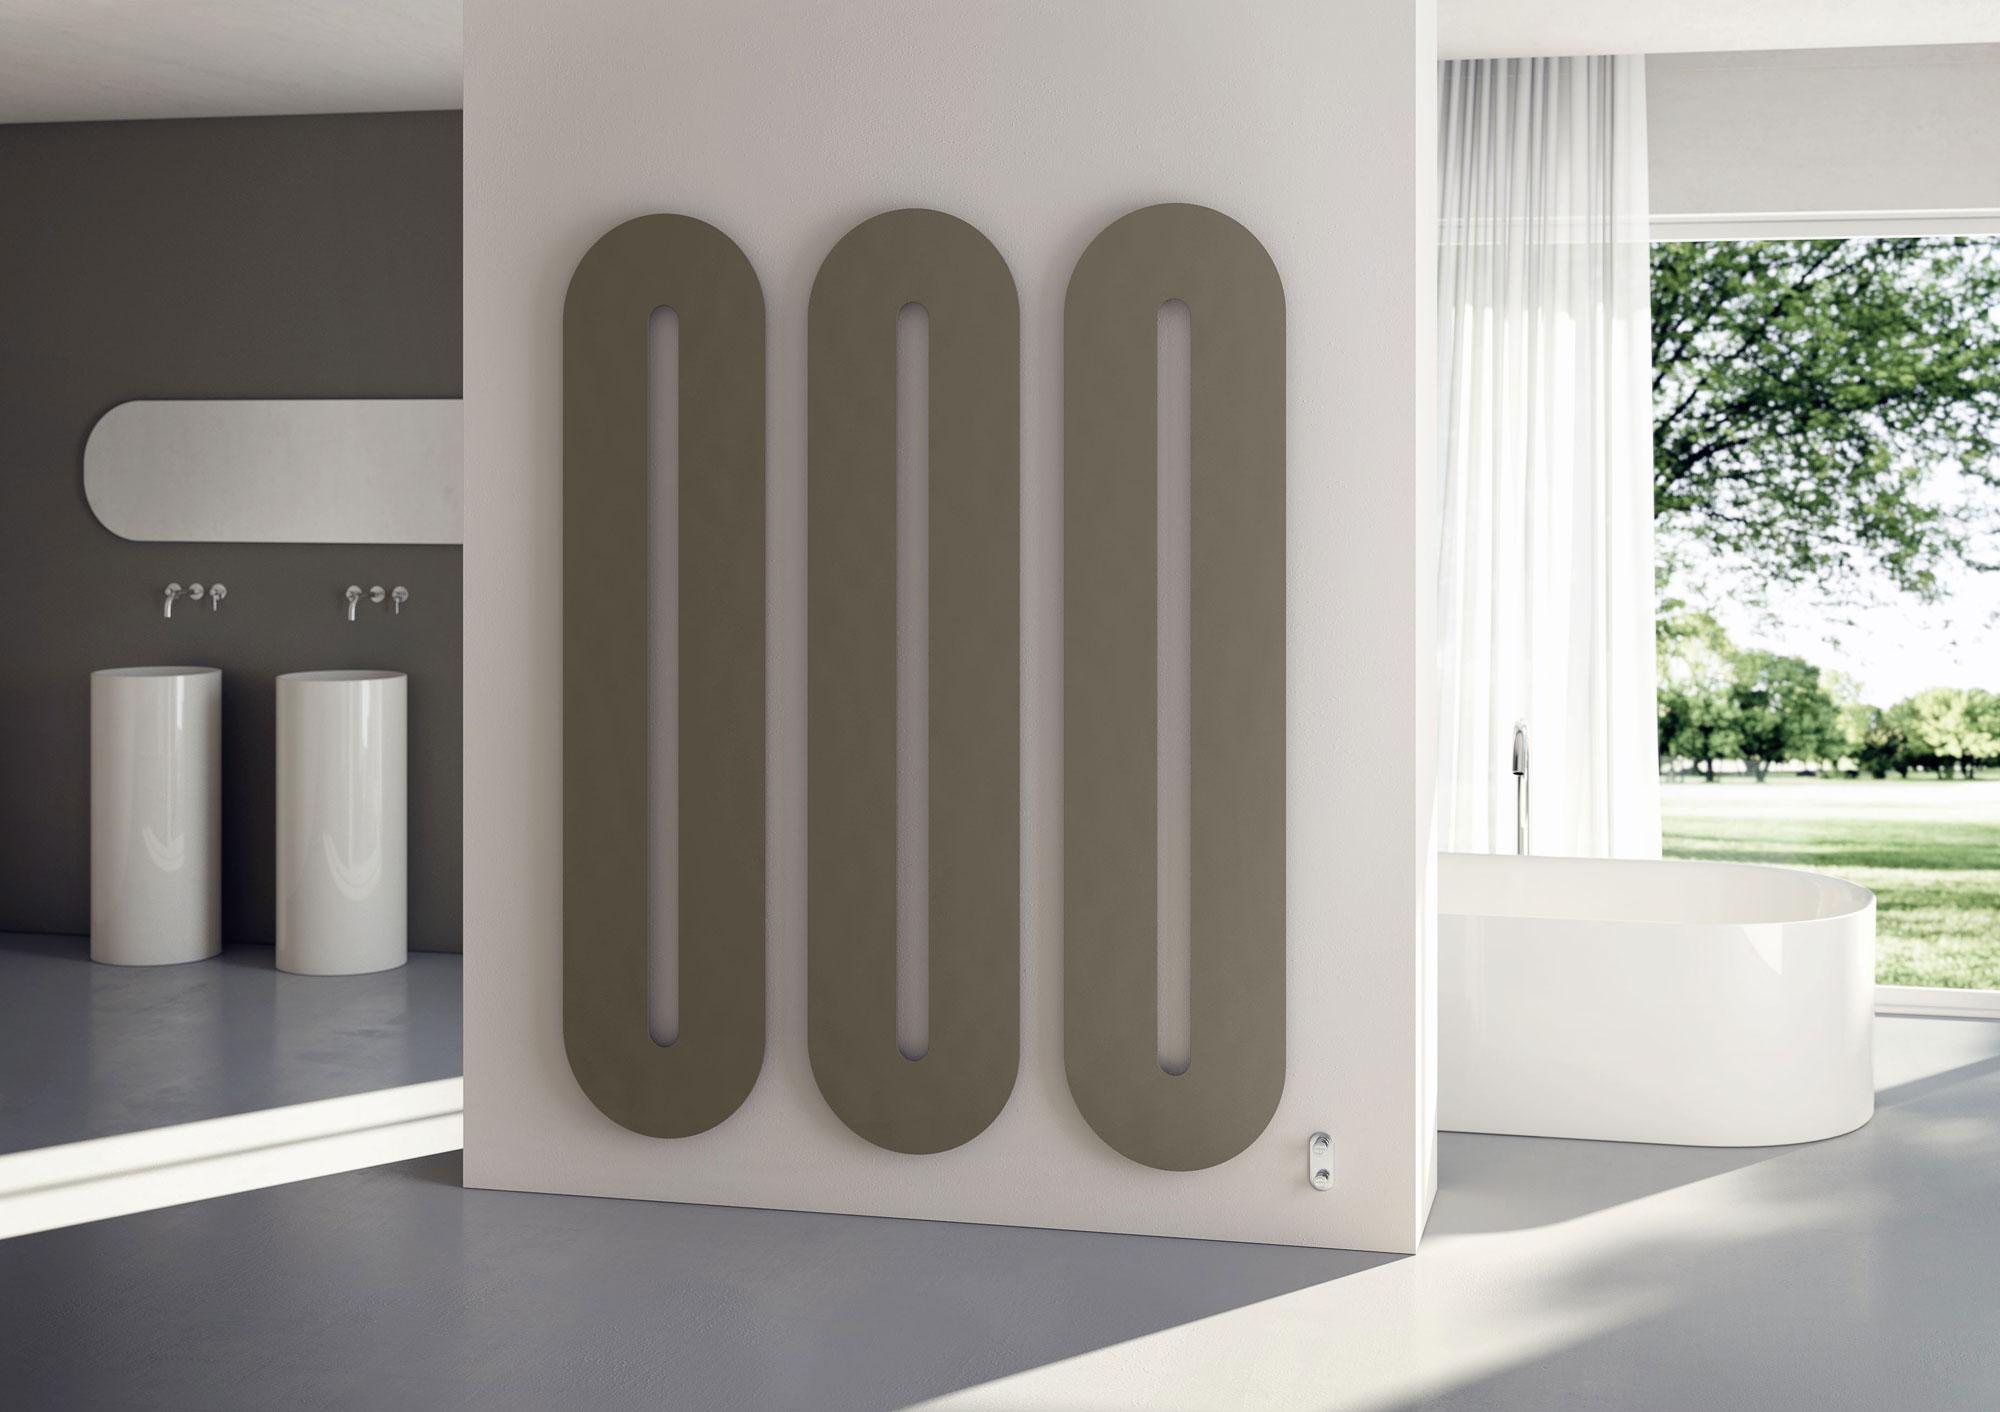 Full Size of Wandheizkörper Der Rieger Mnchen Ihr Badspezialist Flache Wandheizkrper Wohnzimmer Wandheizkörper